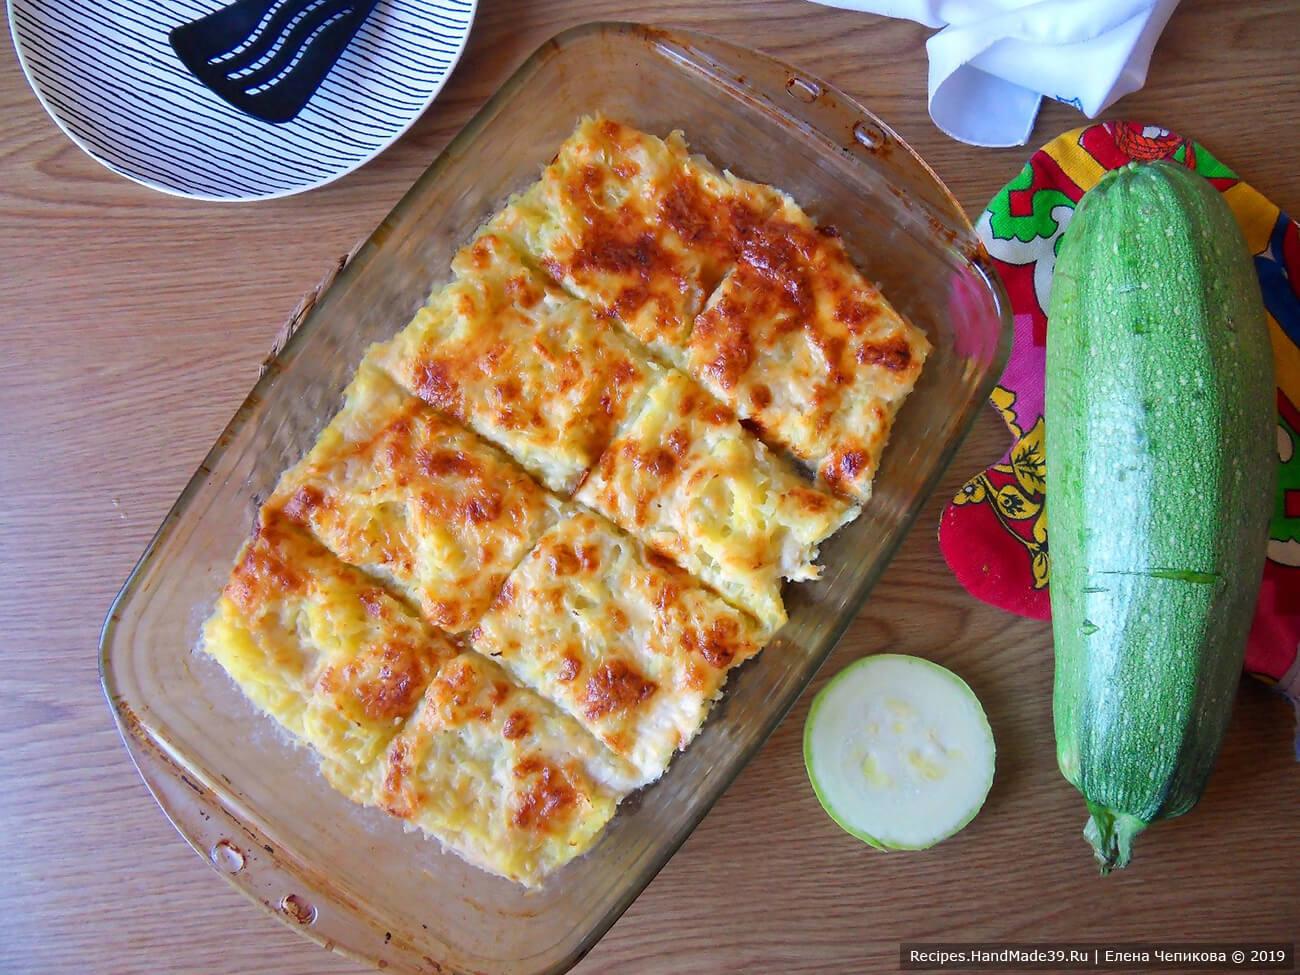 Кабачок под белым соусом с сыром – пошаговый кулинарный рецепт с фото